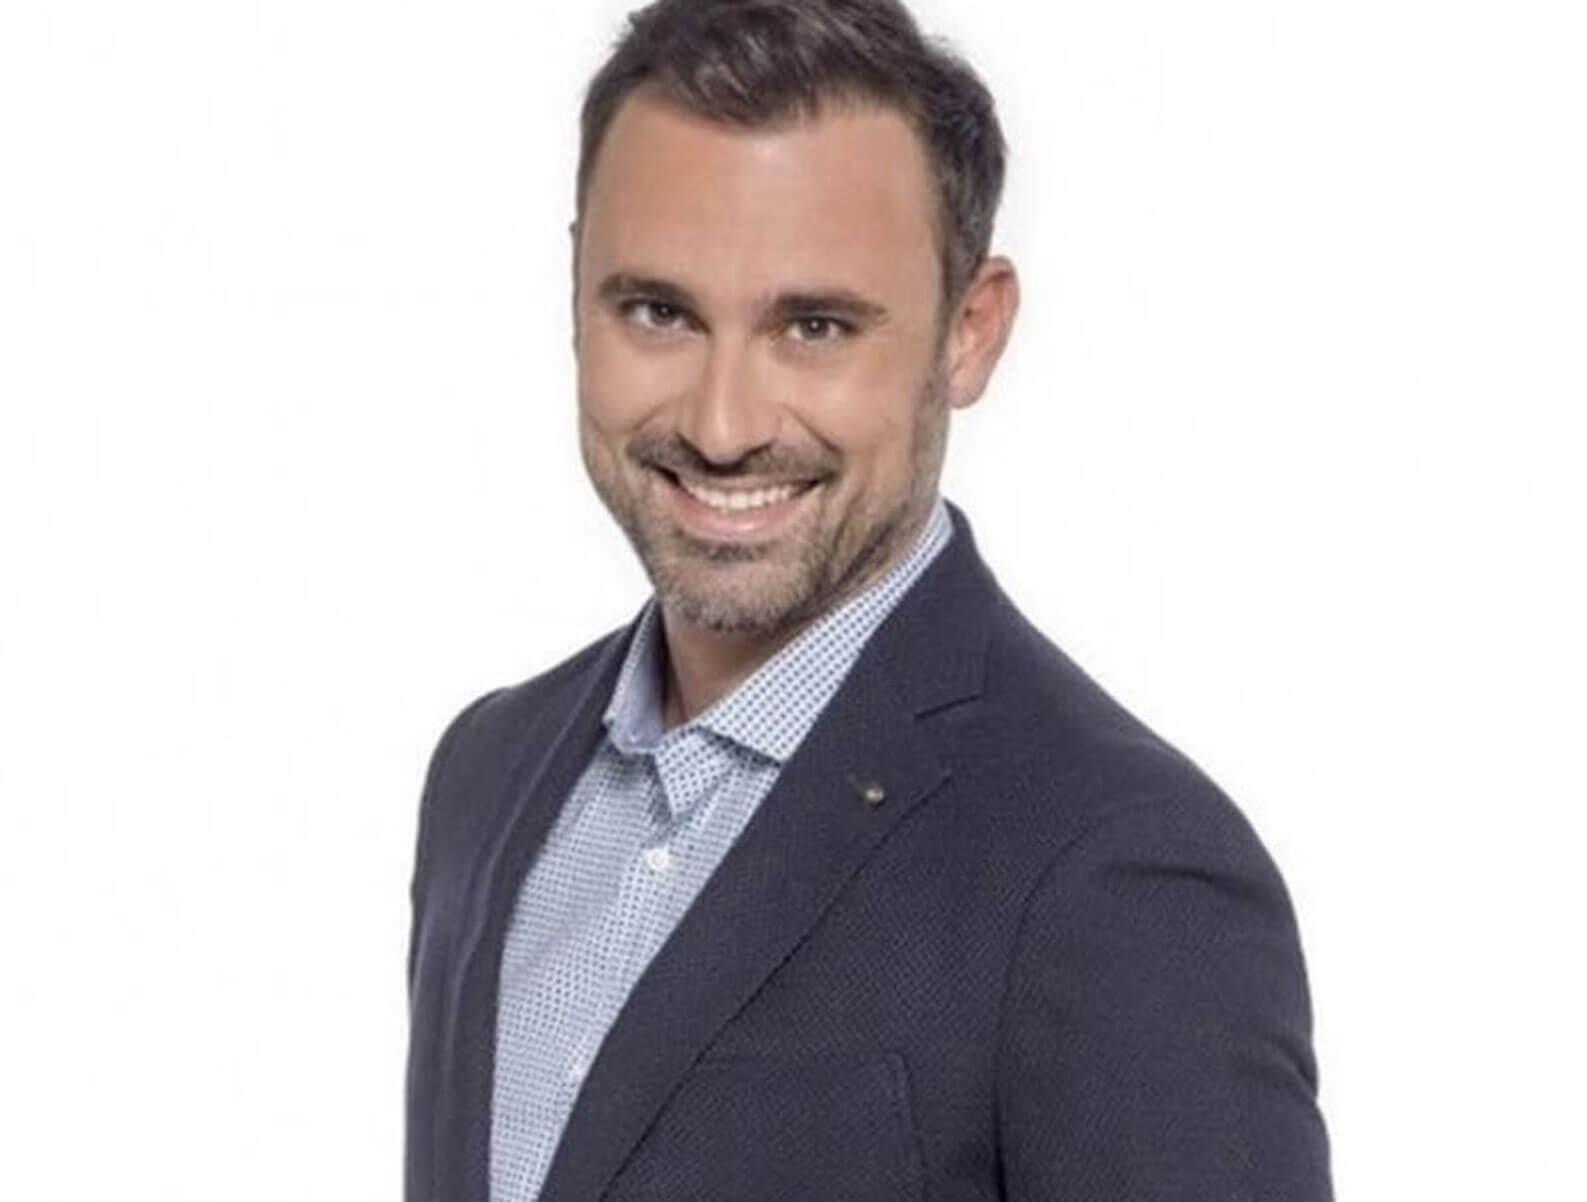 Σε ρόλο έκπληξη ο Γιώργος Καπουτζίδης στο MEGA!